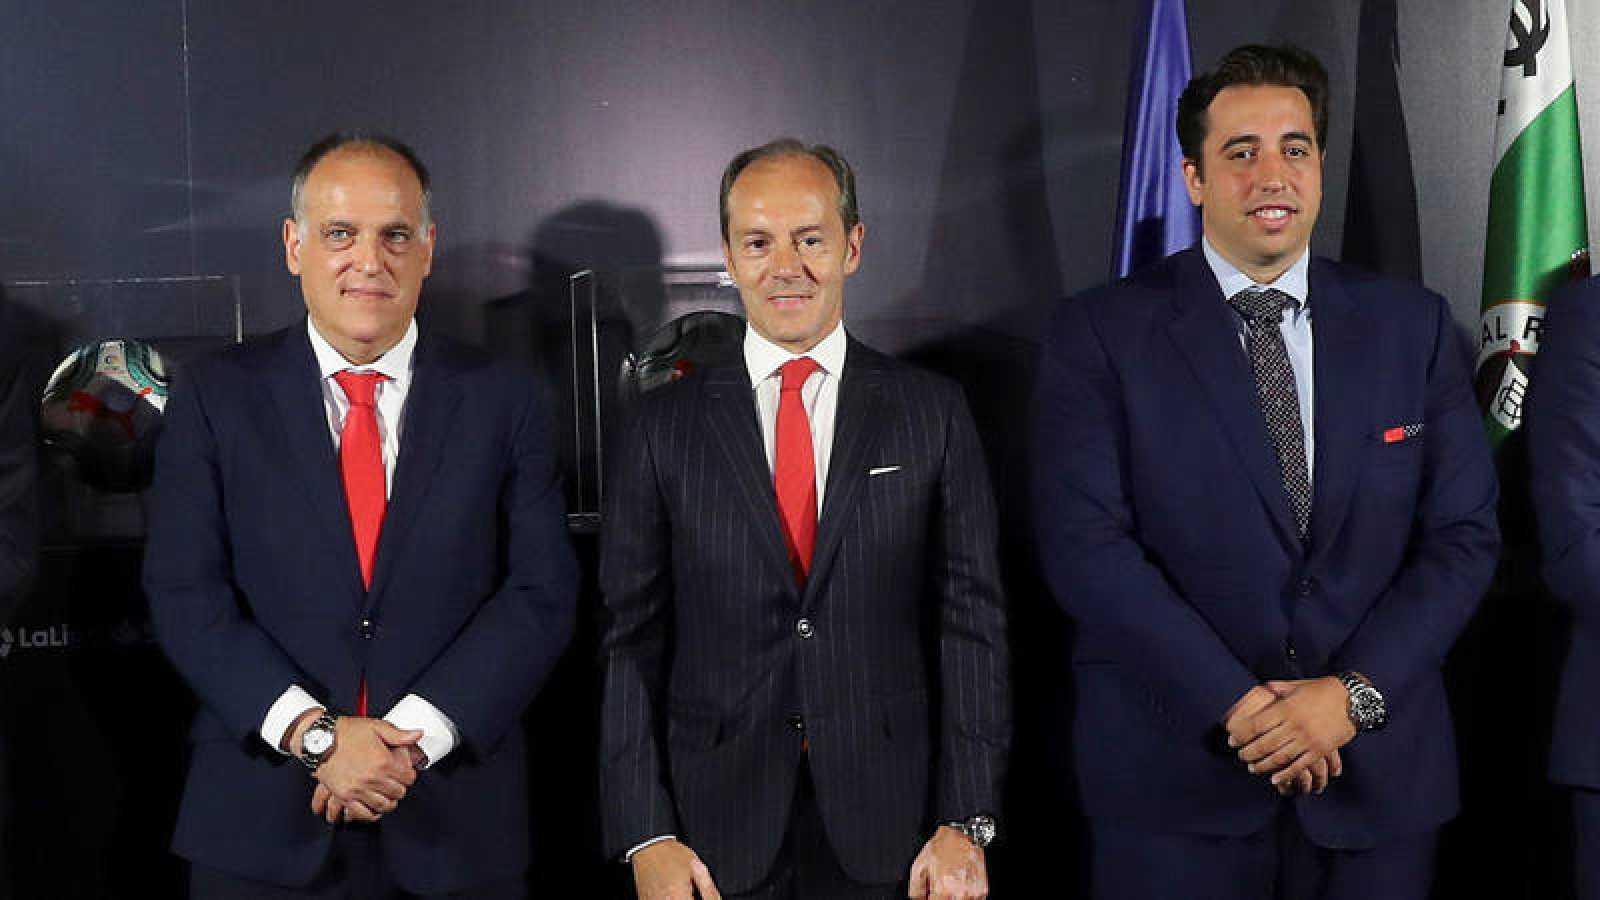 De izquierda a derecha, el presidente de LaLiga, Javier Tebas; el consejero delegado del banco Santander, Rami Aboukhair; y el presidente del Fuenlabrada, Jonathan Praena